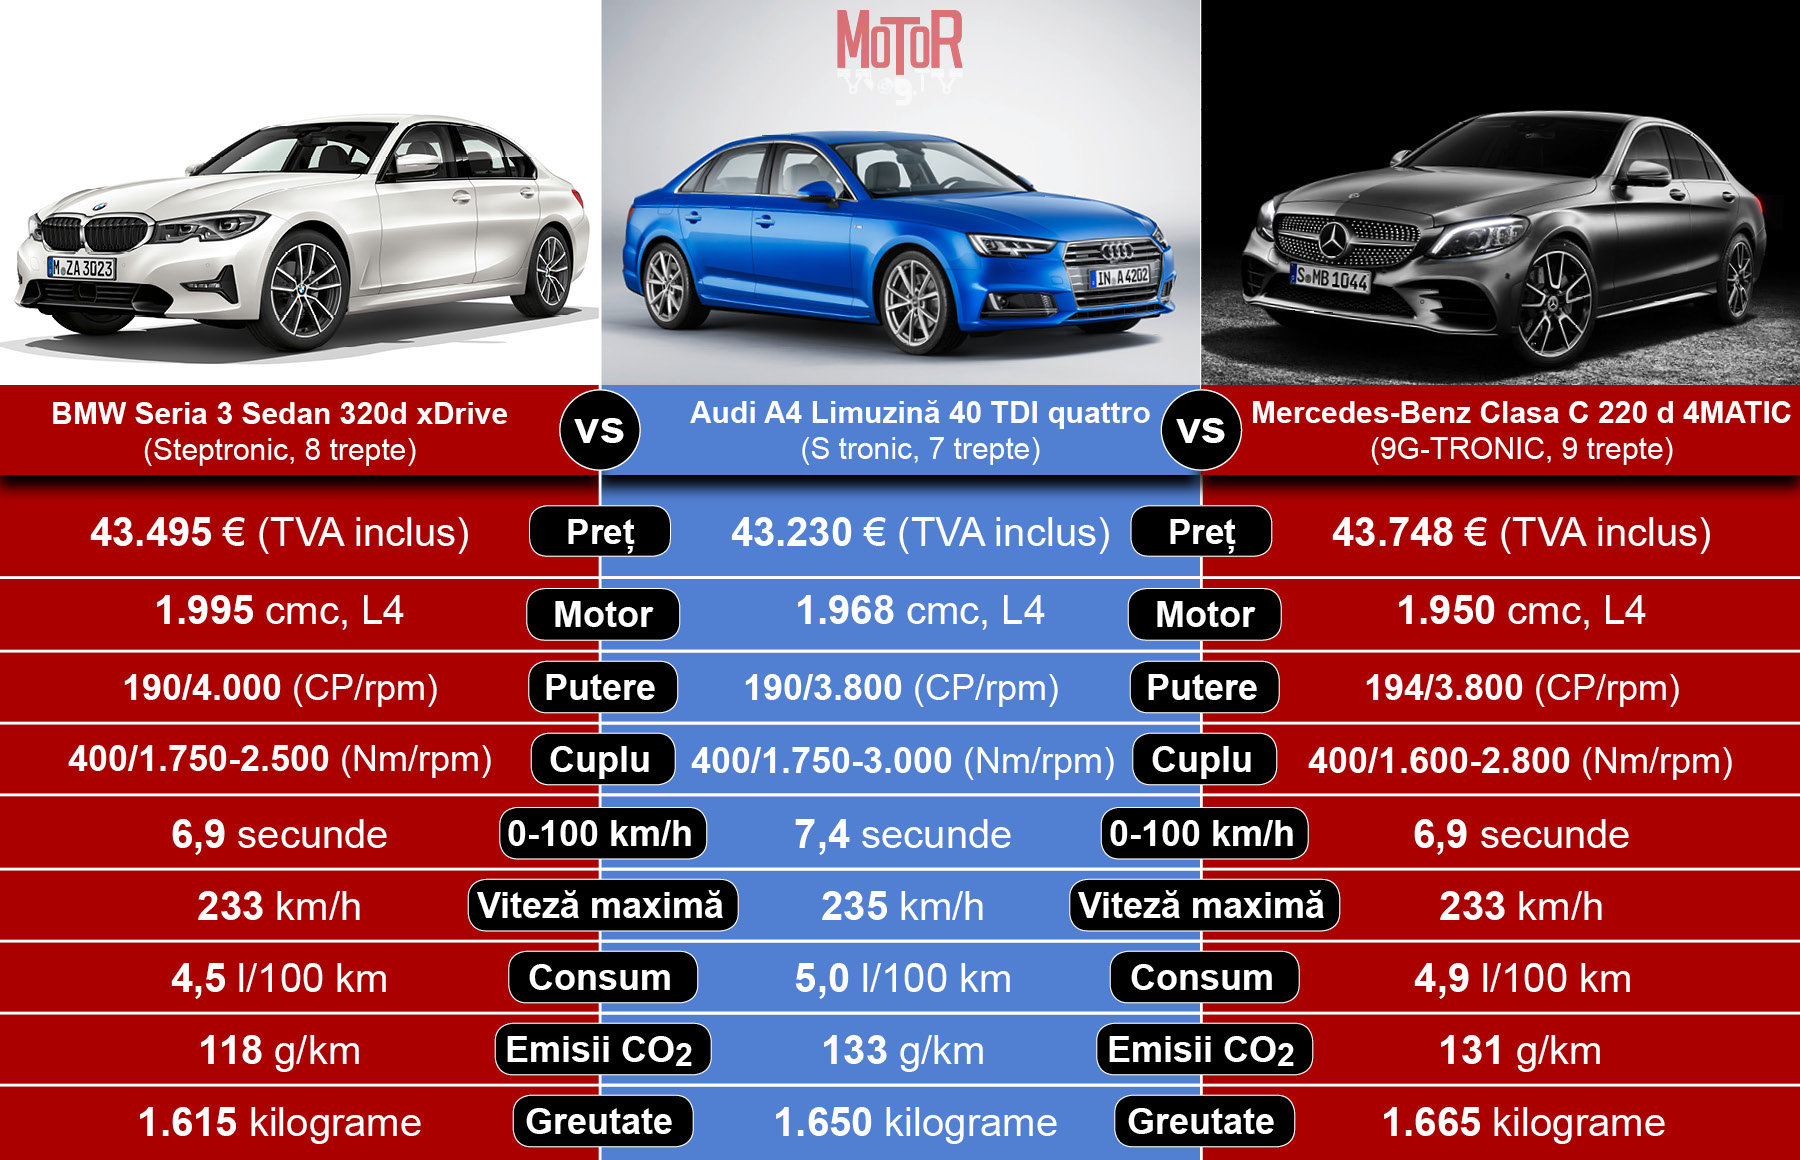 Noul BMW Seria 3 vs Audi A4 vs Mercedes-Benz Clasa C